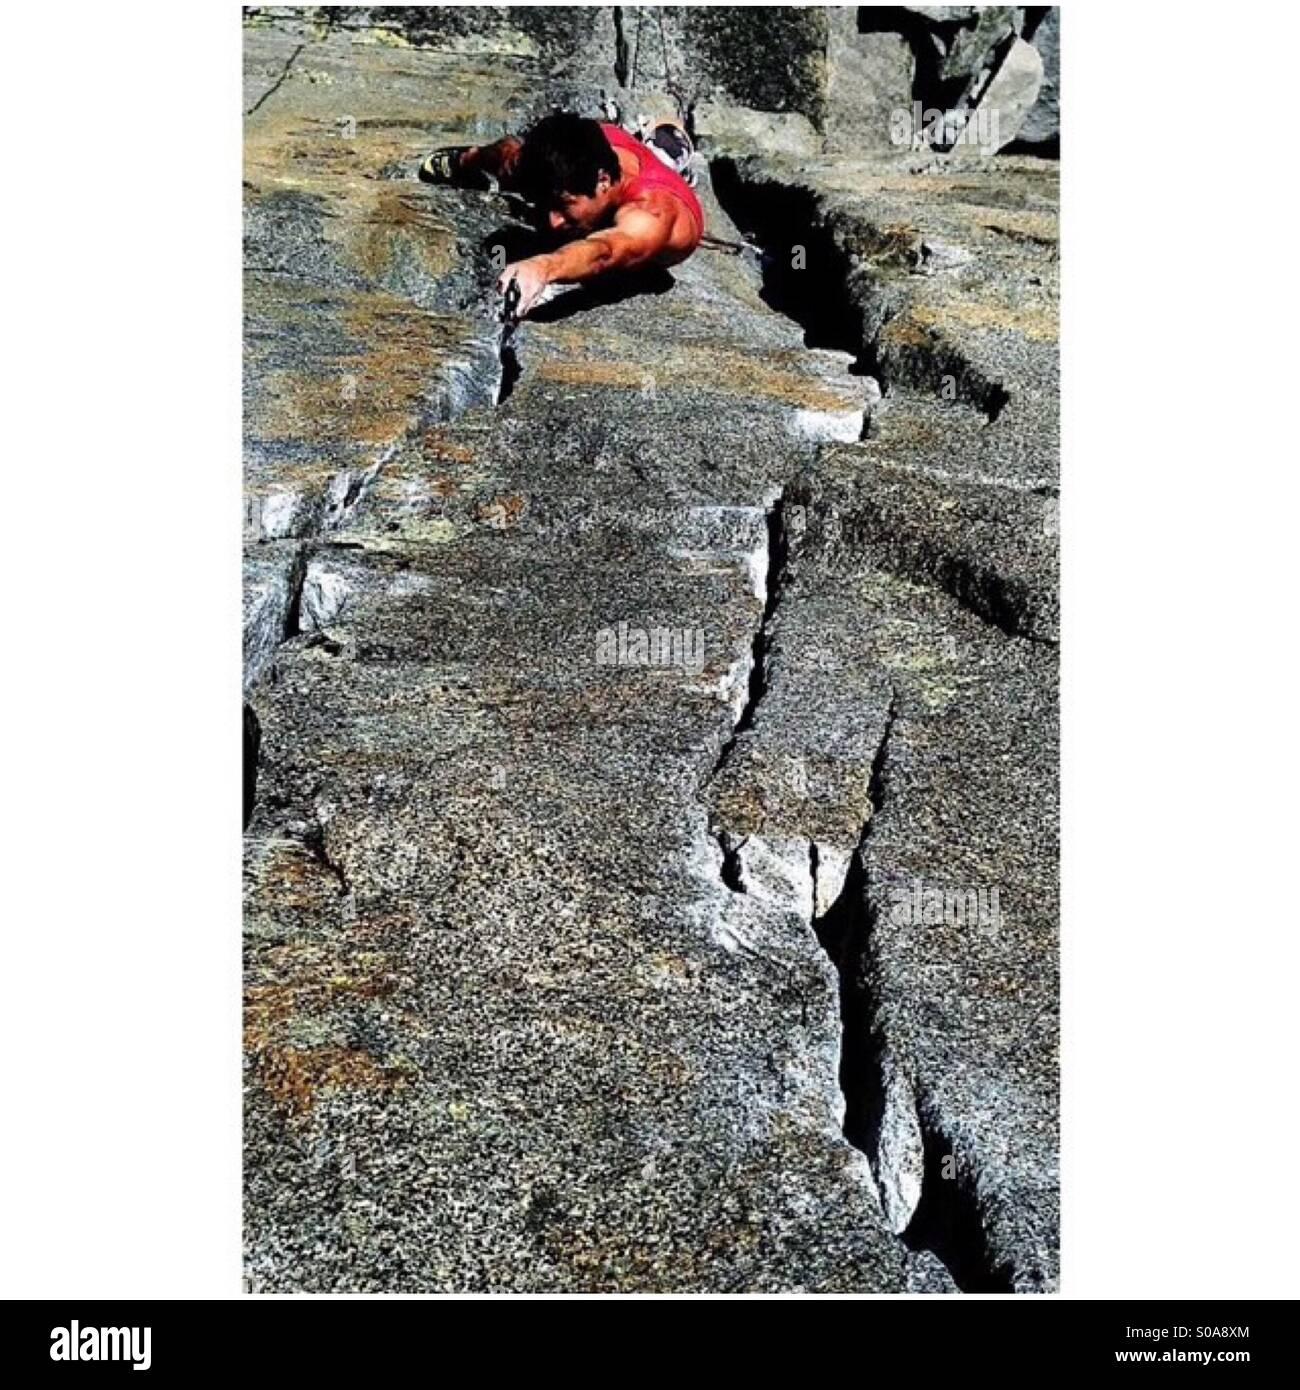 Lake Tahoe trad climbing - Stock Image